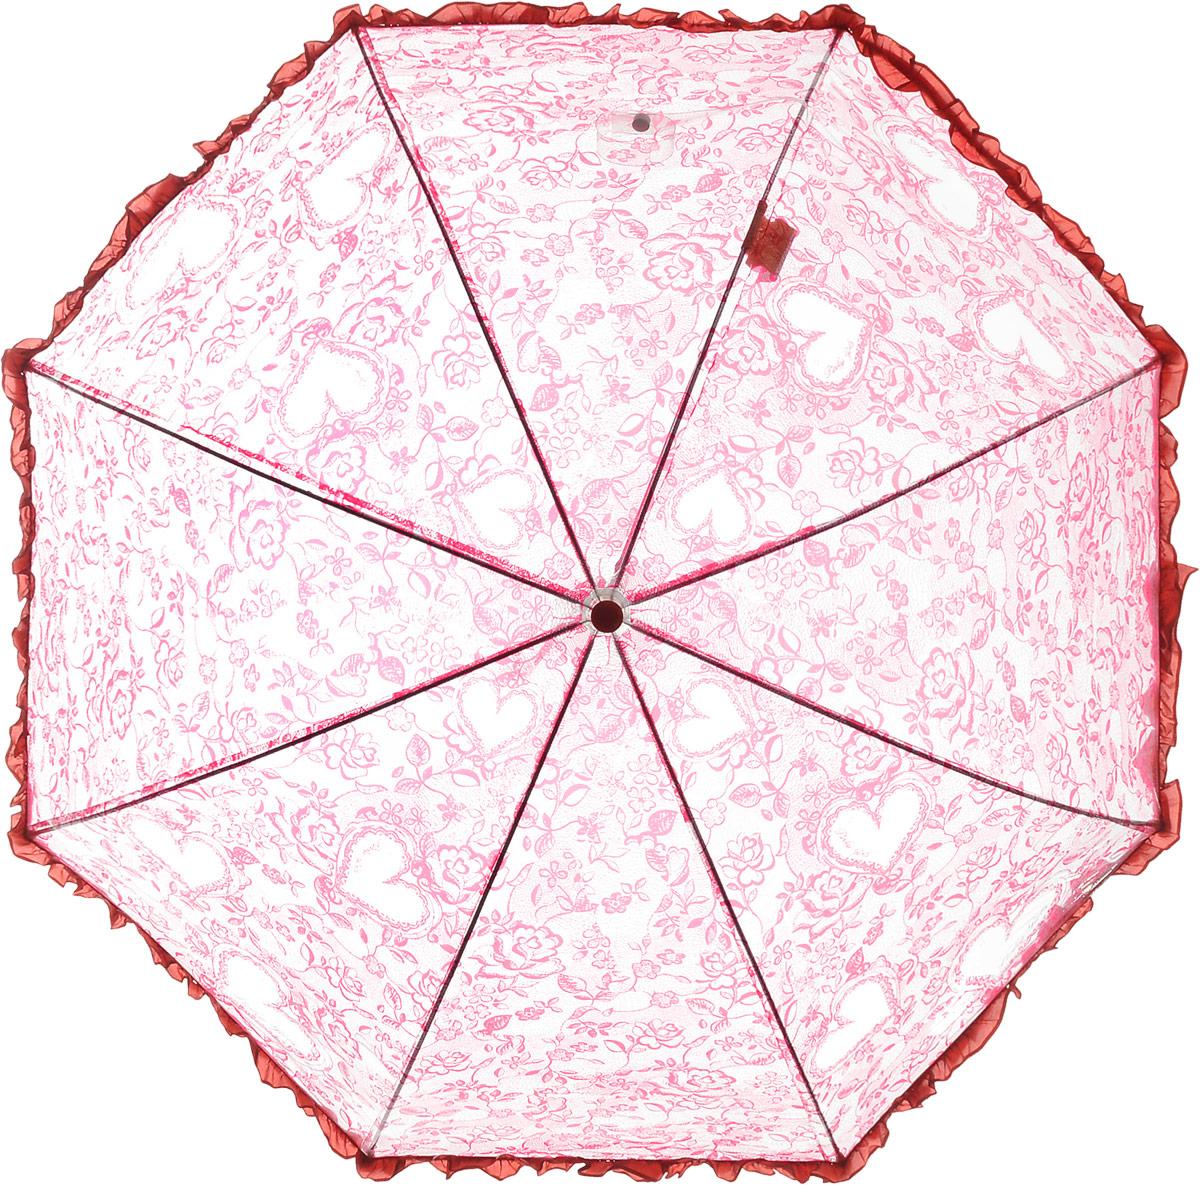 Зонт детский Airton, механический, трость, цвет: прозрачный, красный. 1651-041651-04Замечательный прозрачный зонтик для юной модницы с рисунком Сердечки. Механихм зонта - полуавтомат. Аксессуар сделан с соблюдением всех стандартов безопасности, острые концы заблокированы специальными клипсами, ручка в форме крюка позволит легко повесить зонт даже на собственную руку.